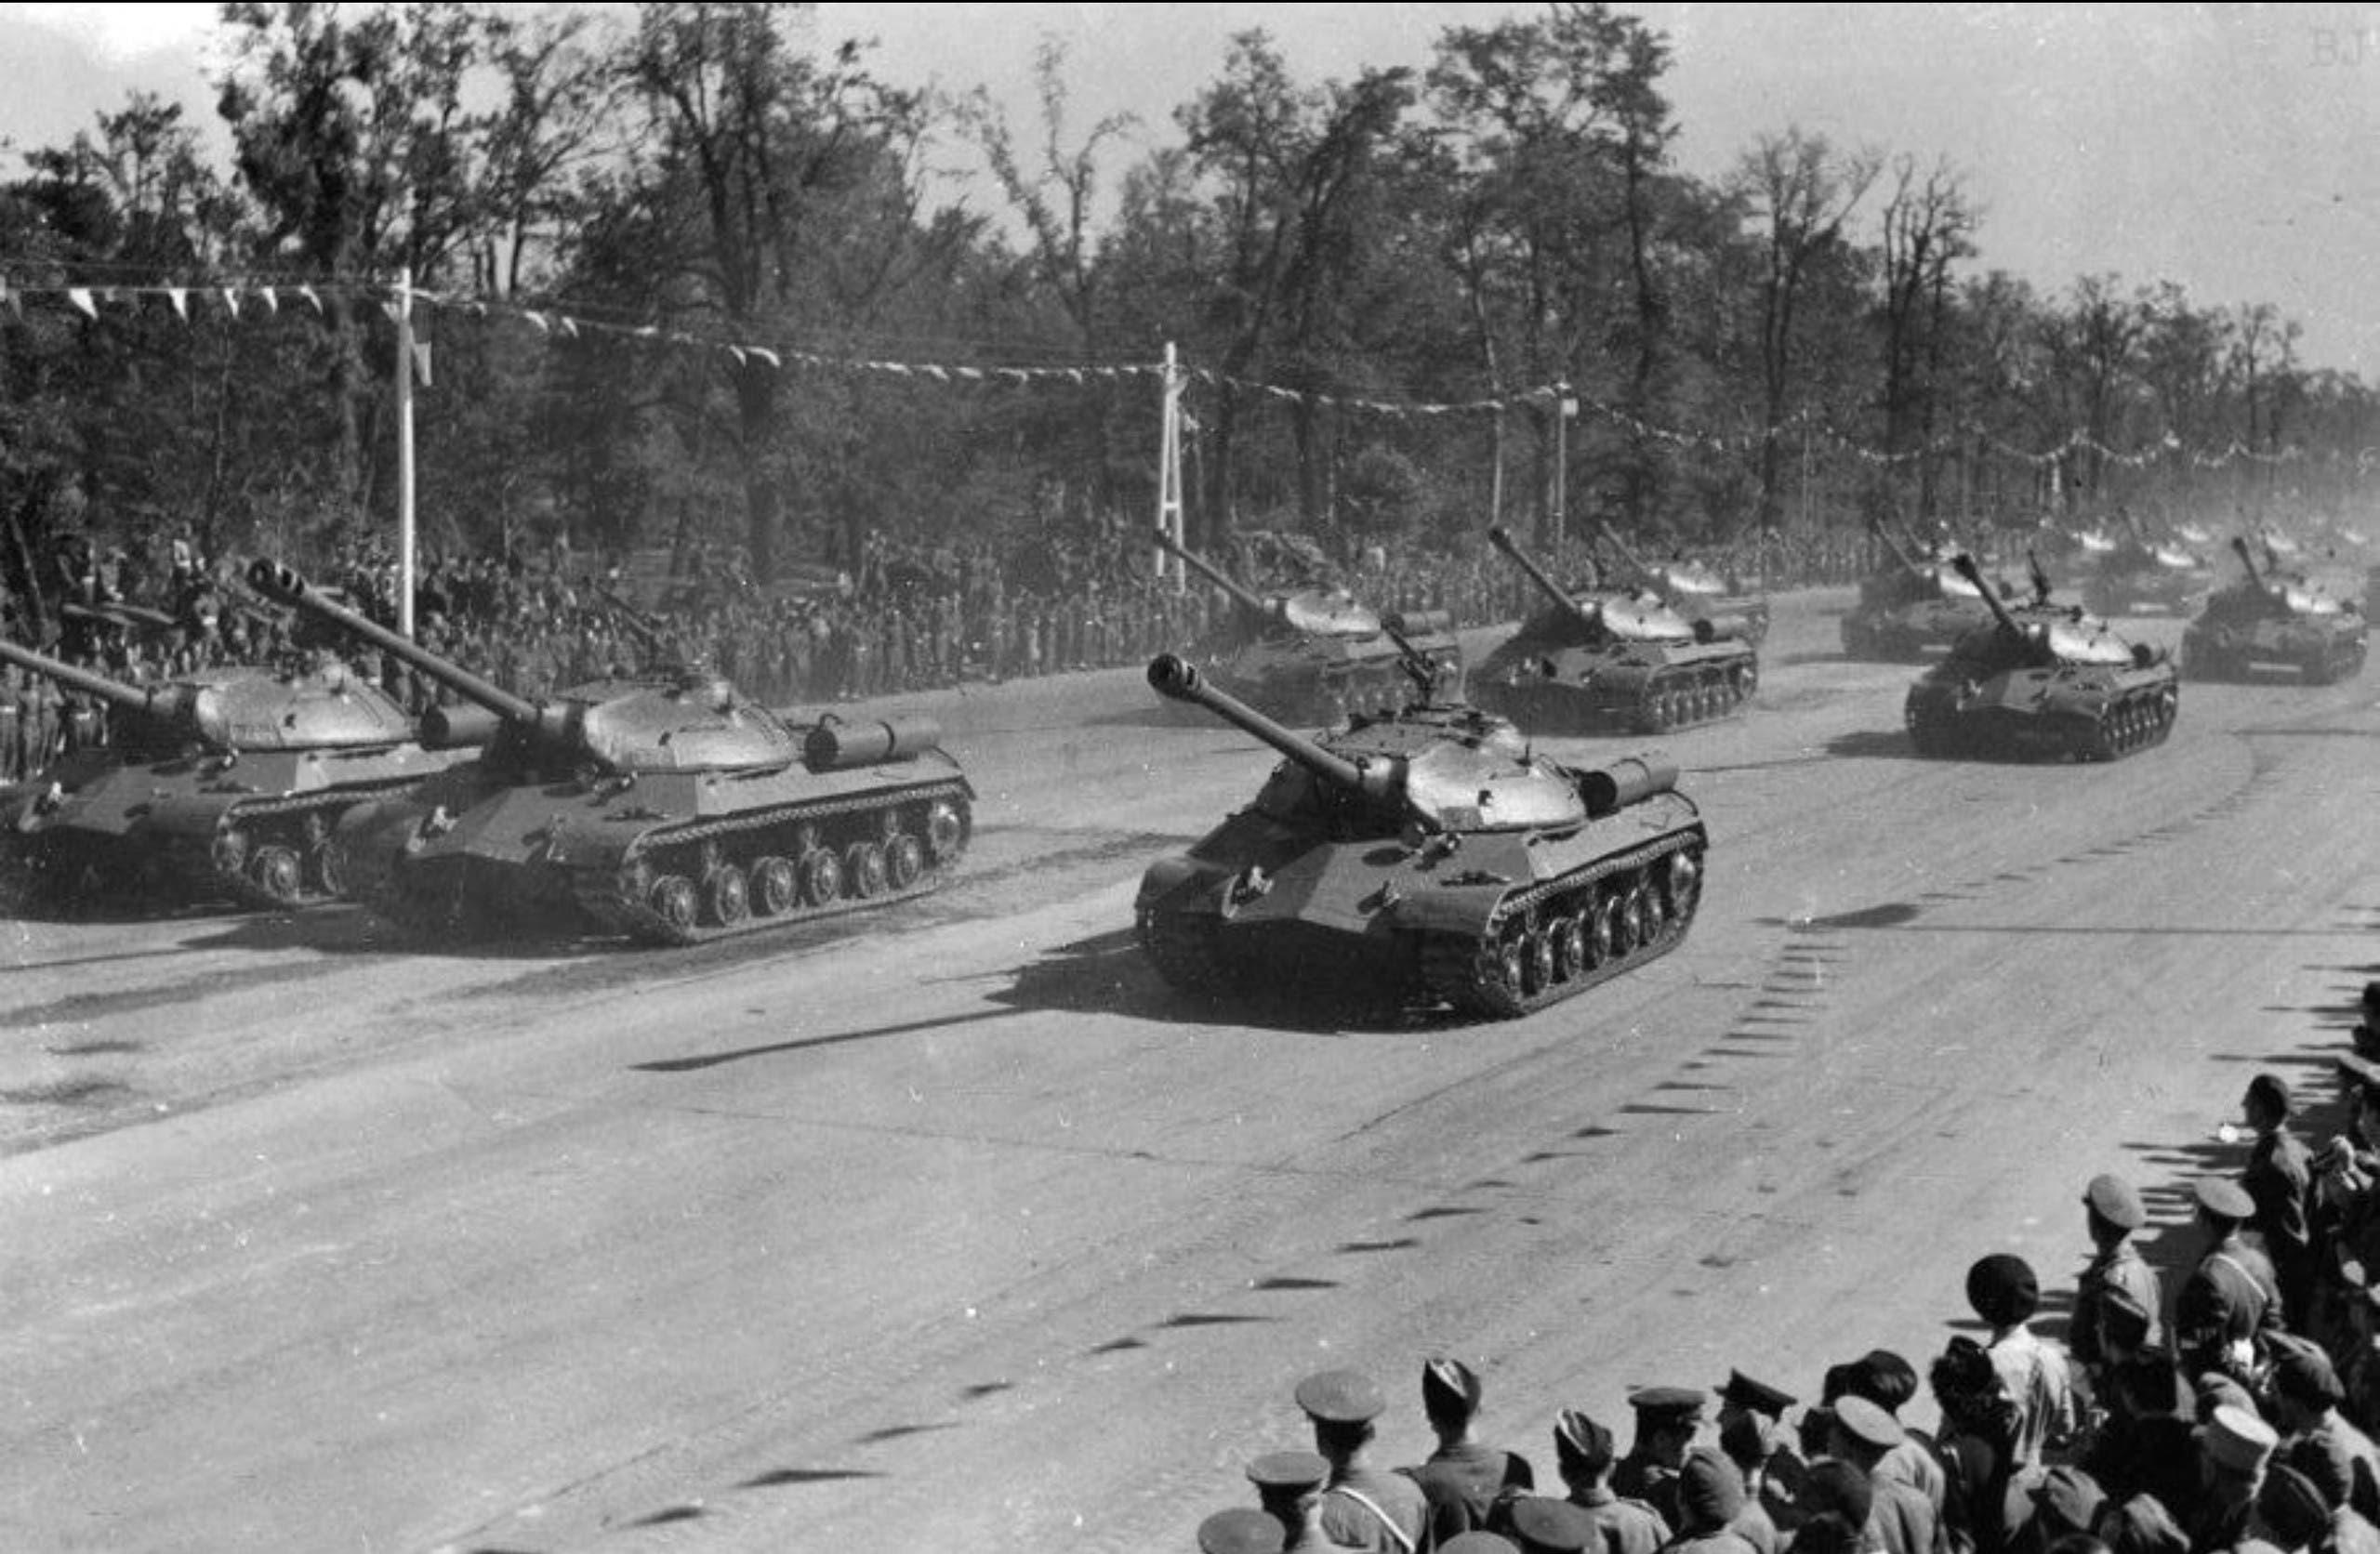 جانب من الدبابات السوفيتية أثناء مرورها بالاستعراض